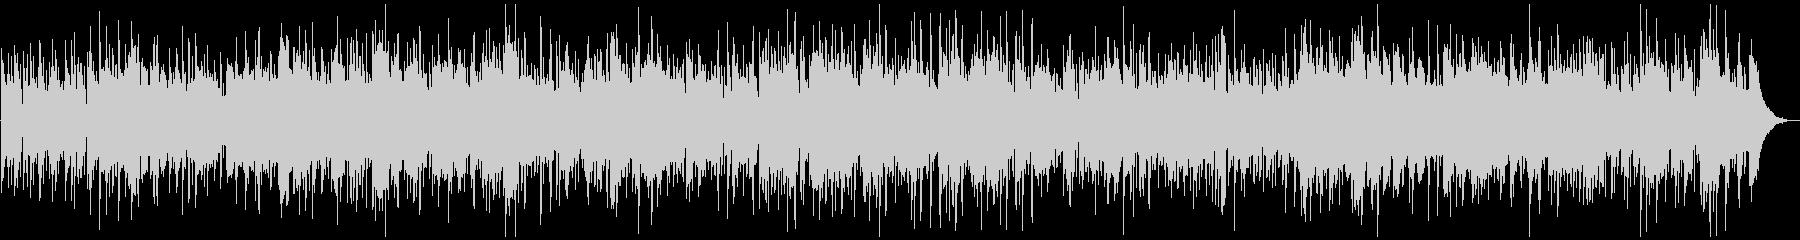 アコースティックなボサノバ、トロンボーンの未再生の波形